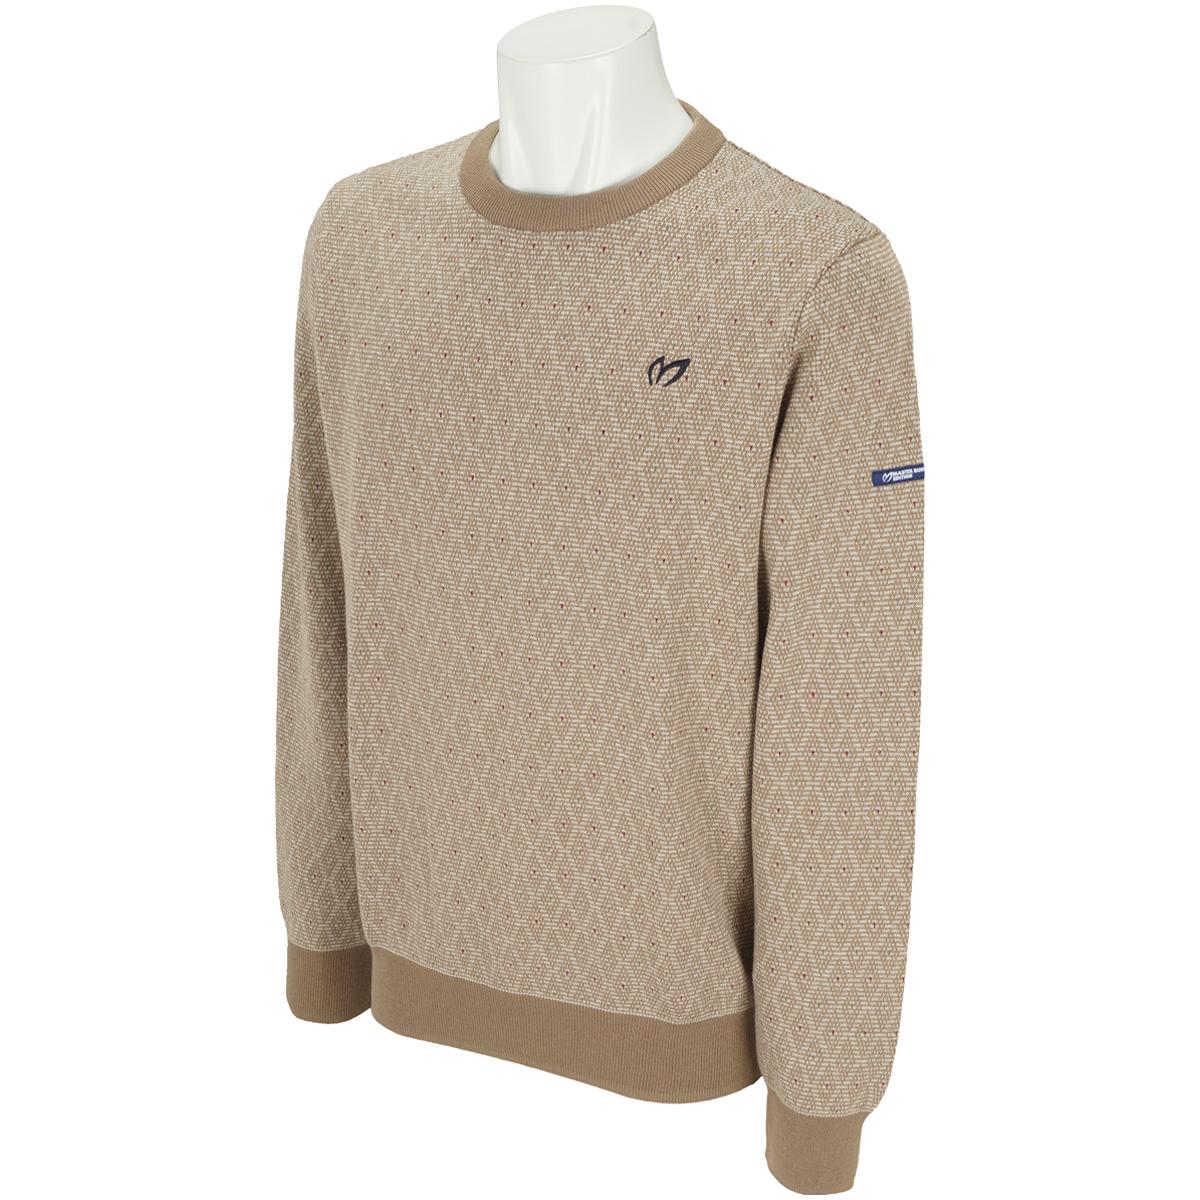 2色MAJORITYセーター